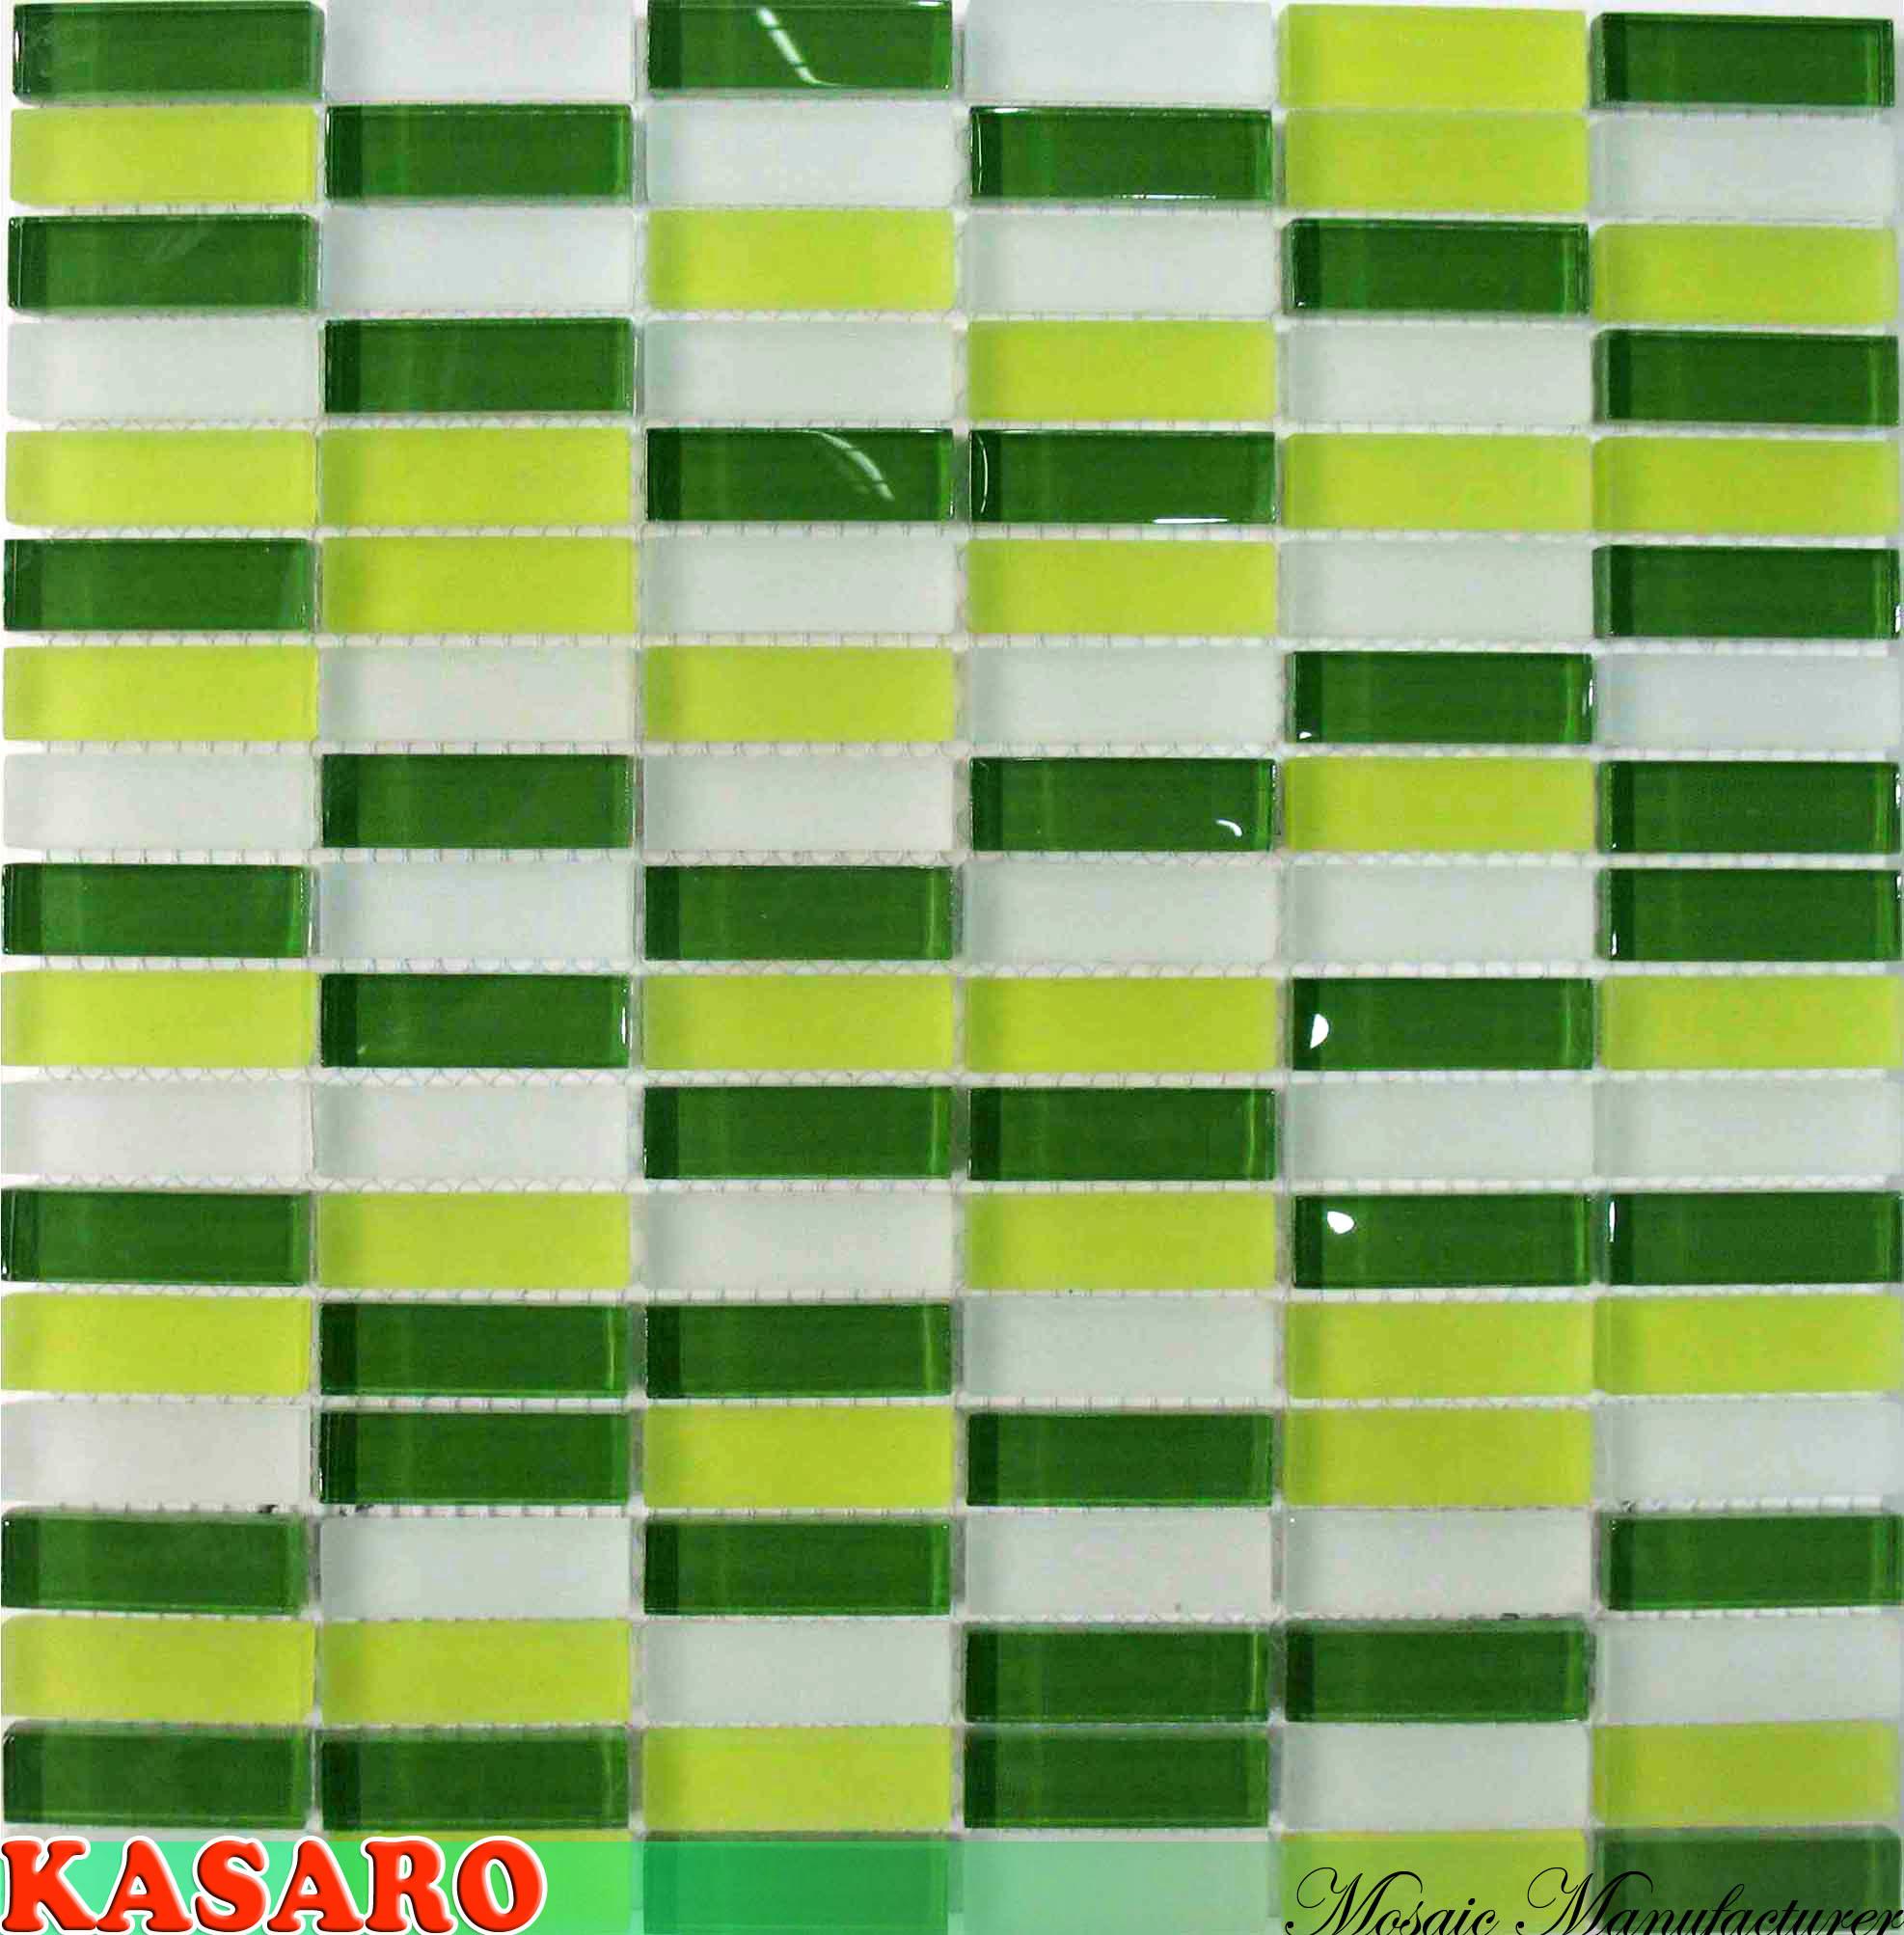 Ksl c10016 - Colores de baldosas ...